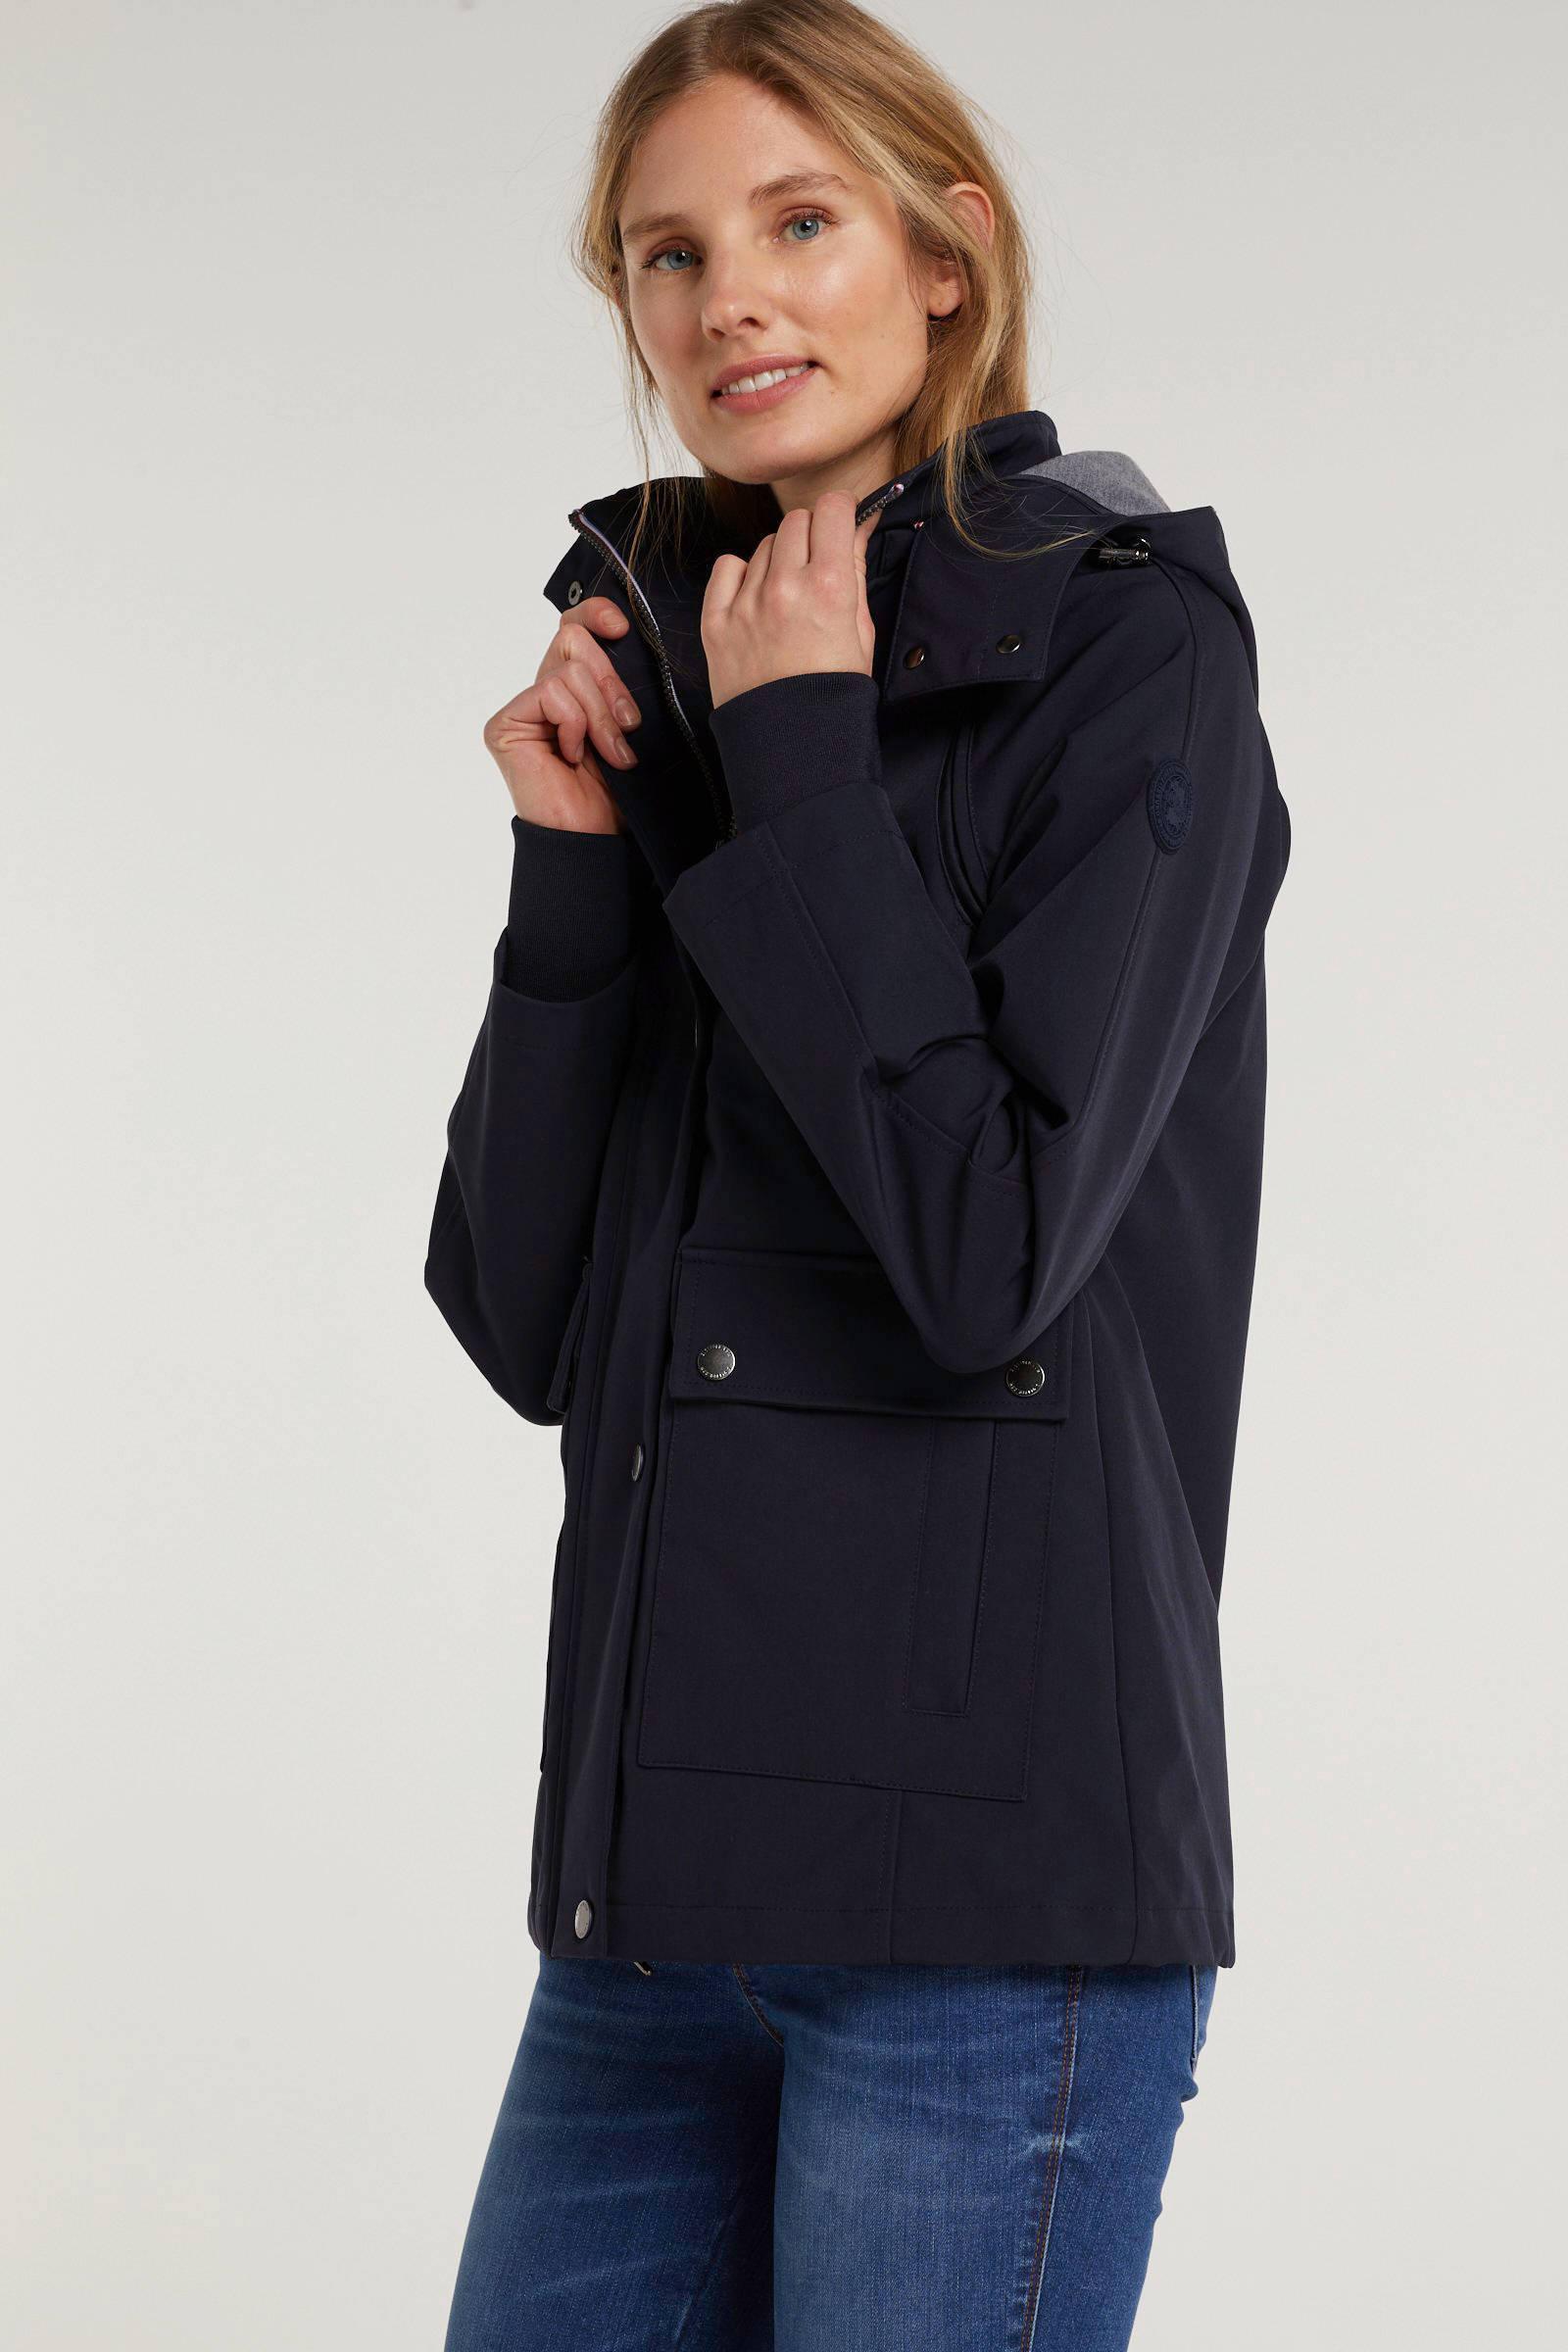 Sale: s.Oliver jassen voor dames kopen Vind jouw Sale: s